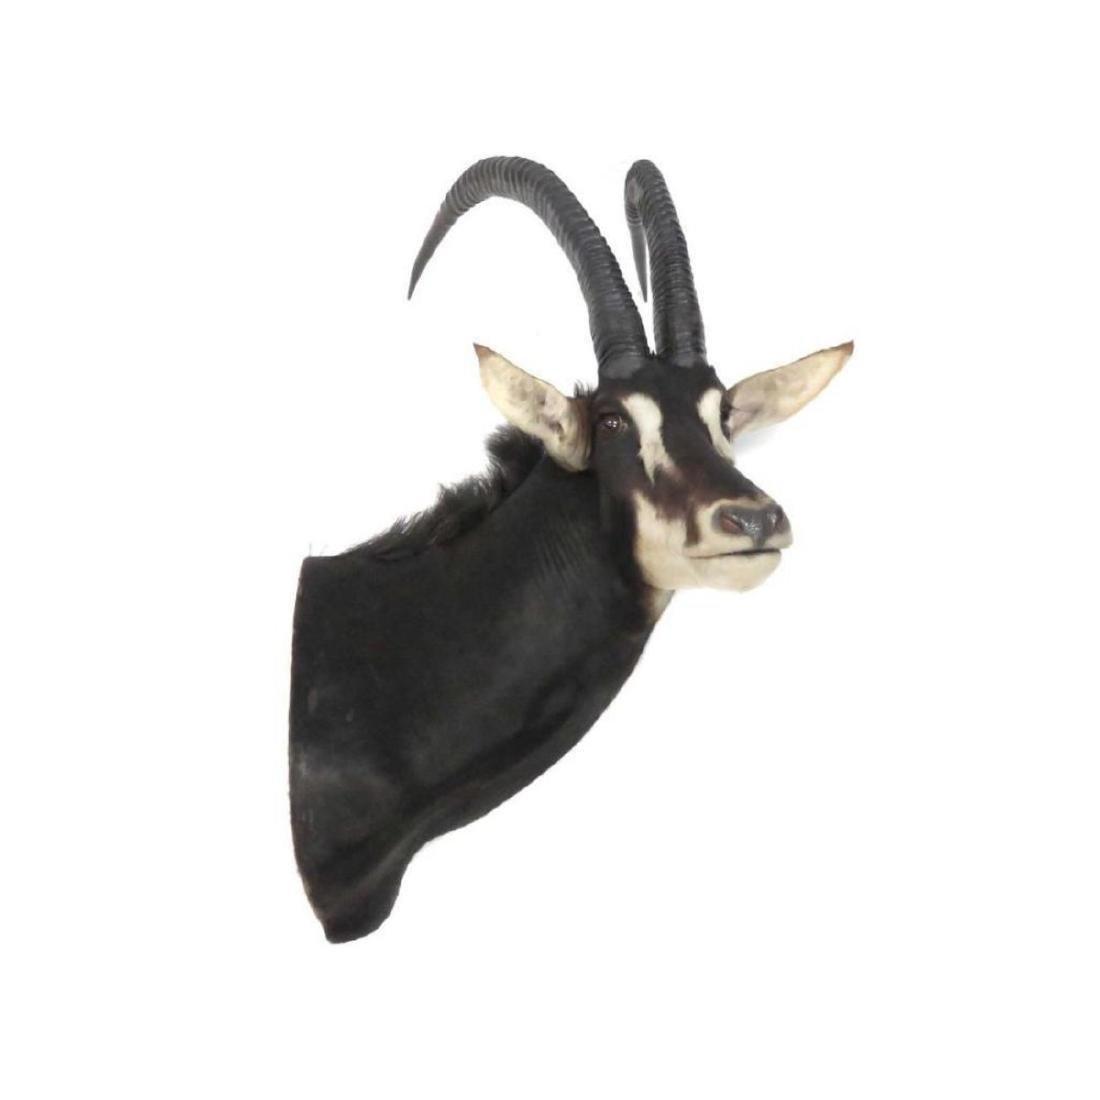 Impressive Sable Antelope Shoulder Trophy Mount - 2